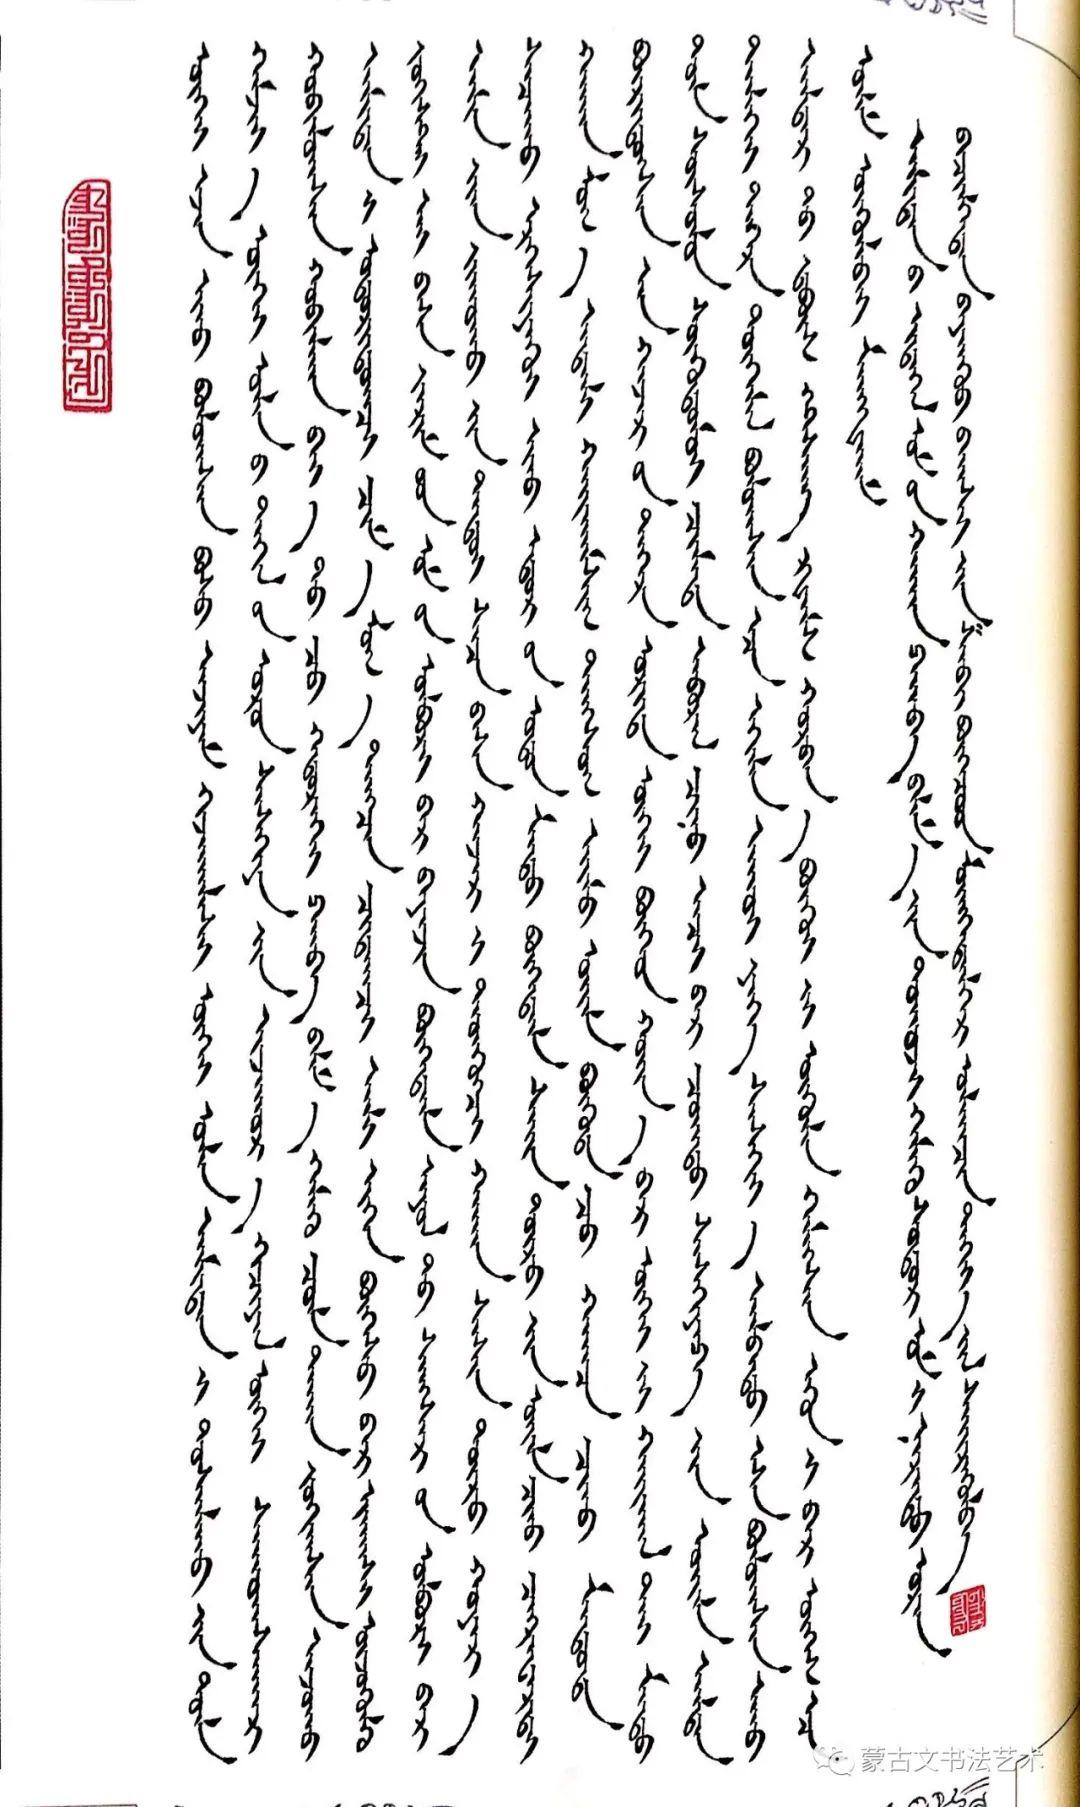 孟克德力格尔楷书著作《八思巴传》 第8张